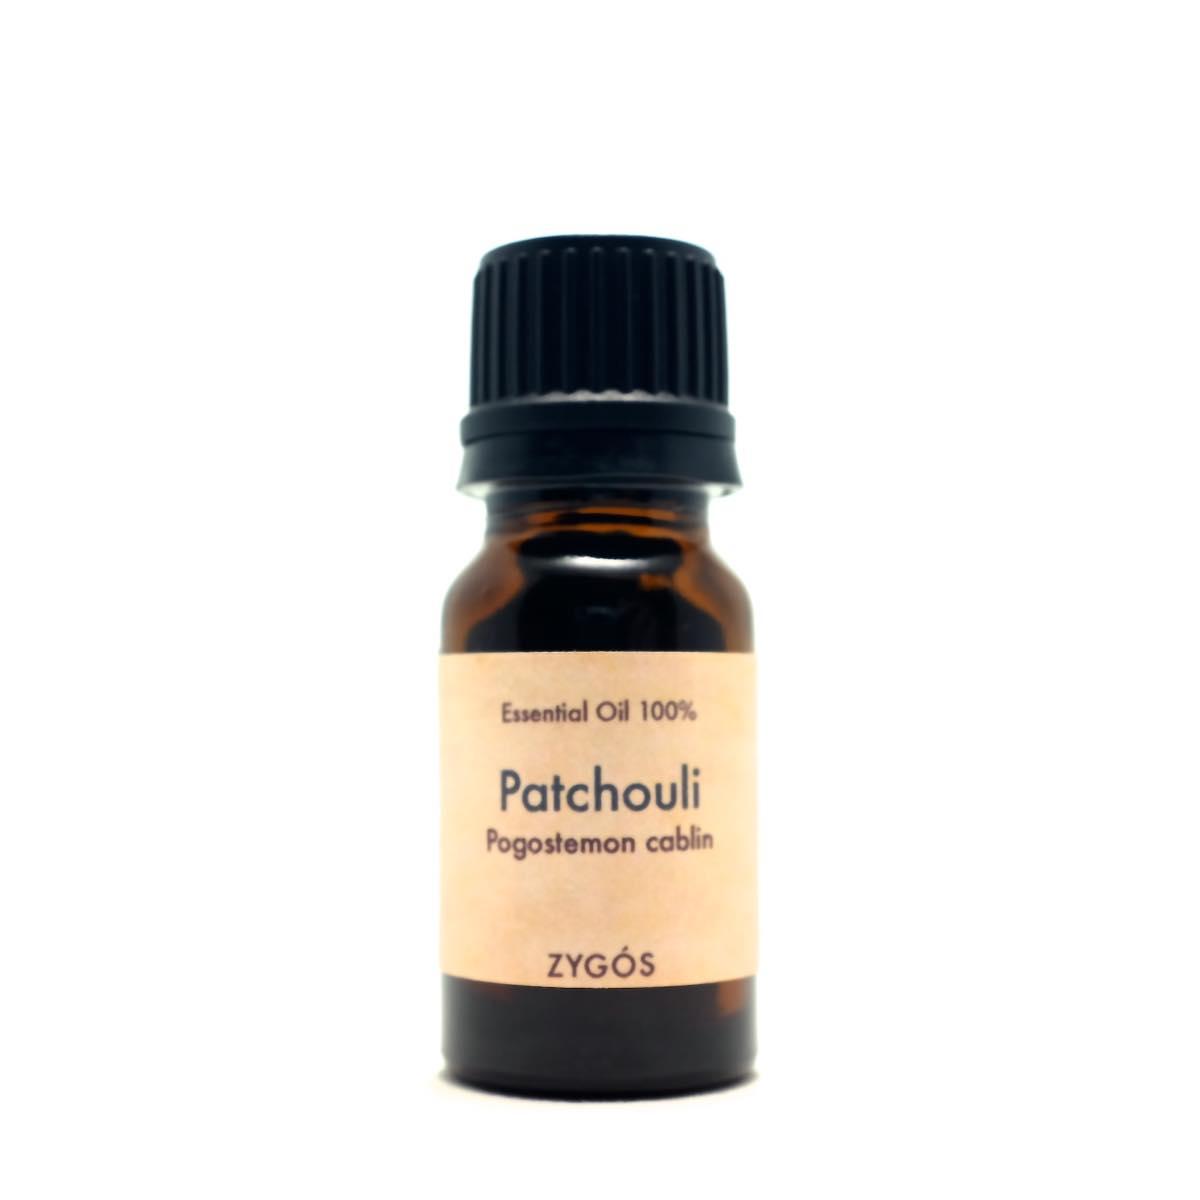 エキゾチックでクセのある香り エッセンシャルオイル100% 10ml パチュリ 永遠の定番 推奨 ※業務用卸価格